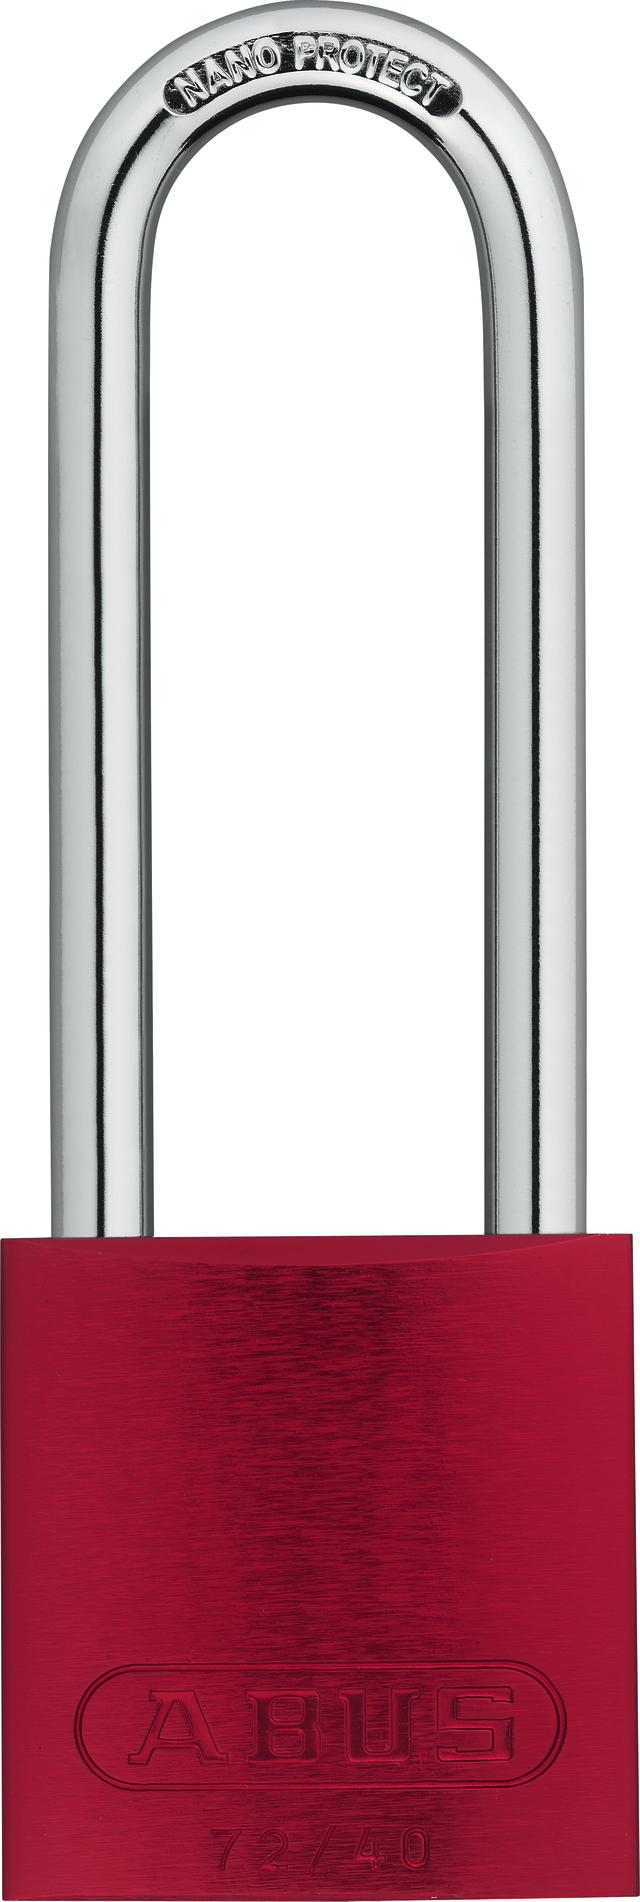 Vorhangschloss Aluminium 72/40HB75 rot HS